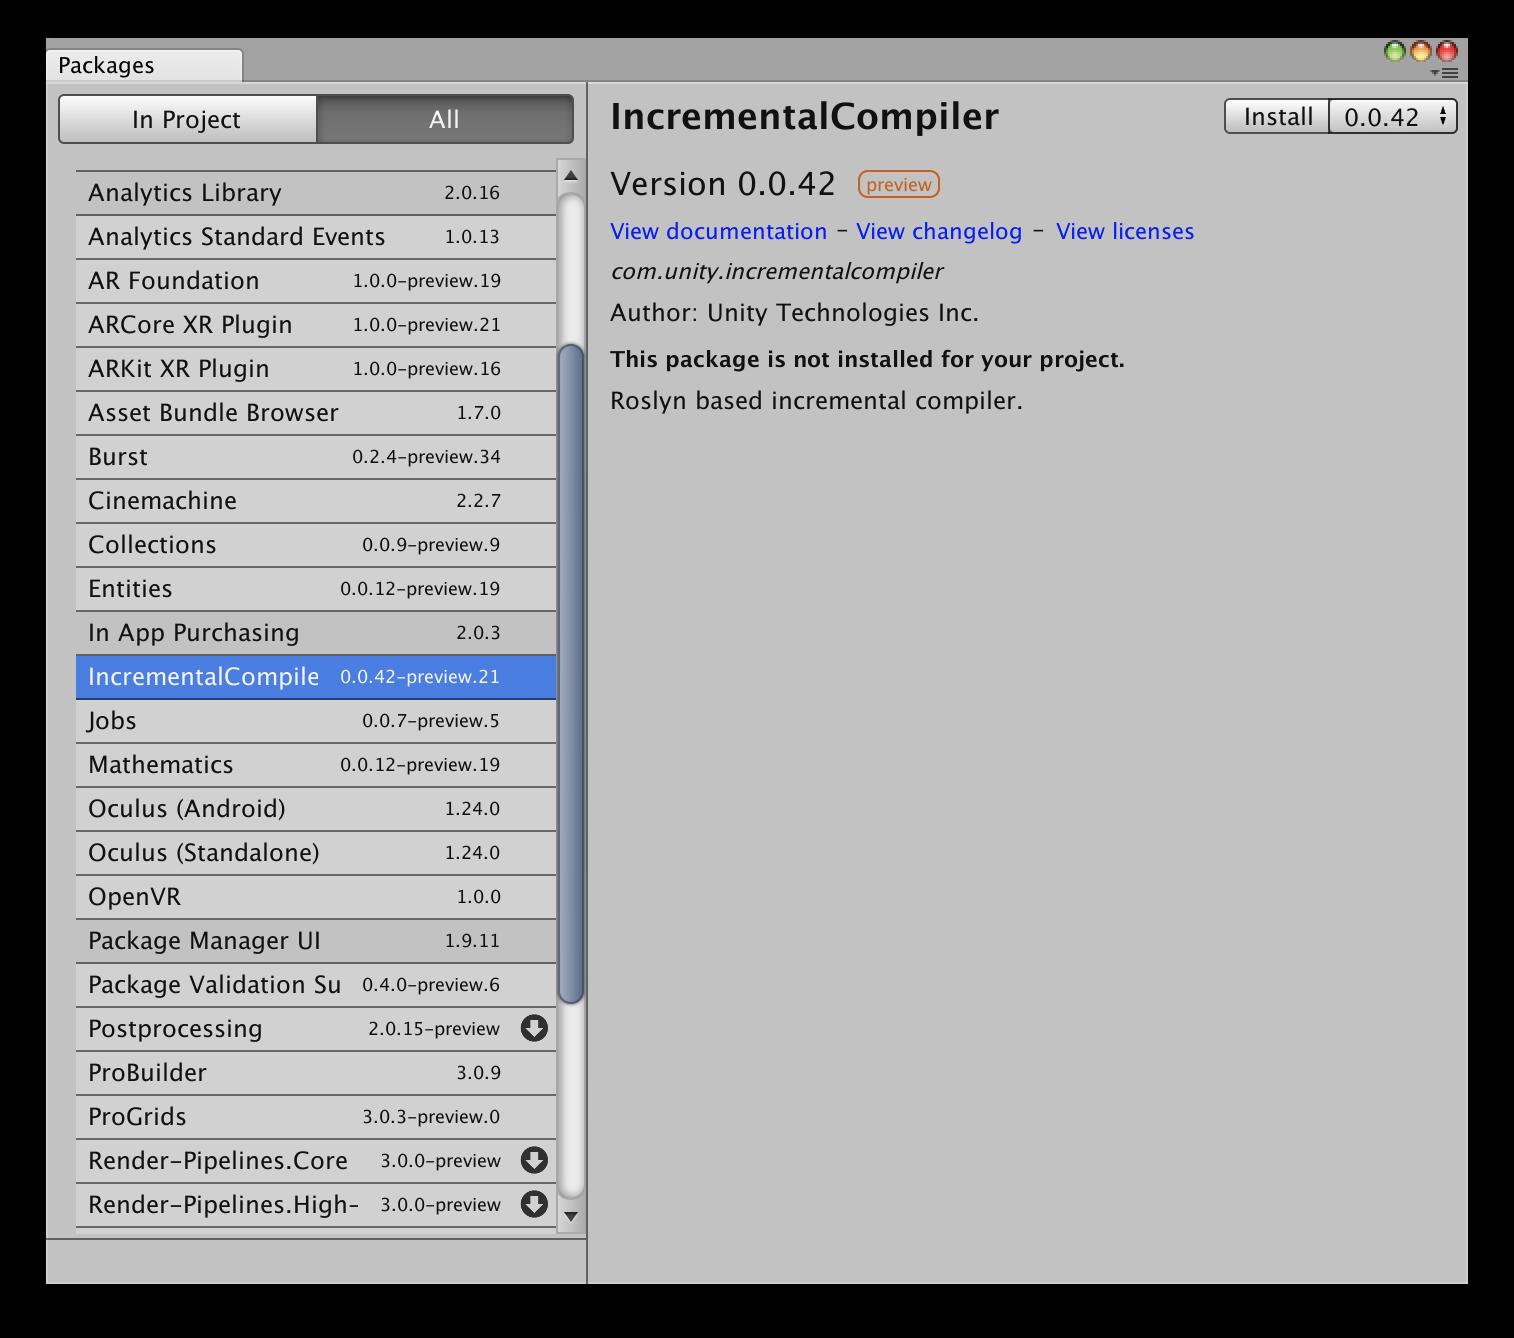 Incremental Compiler